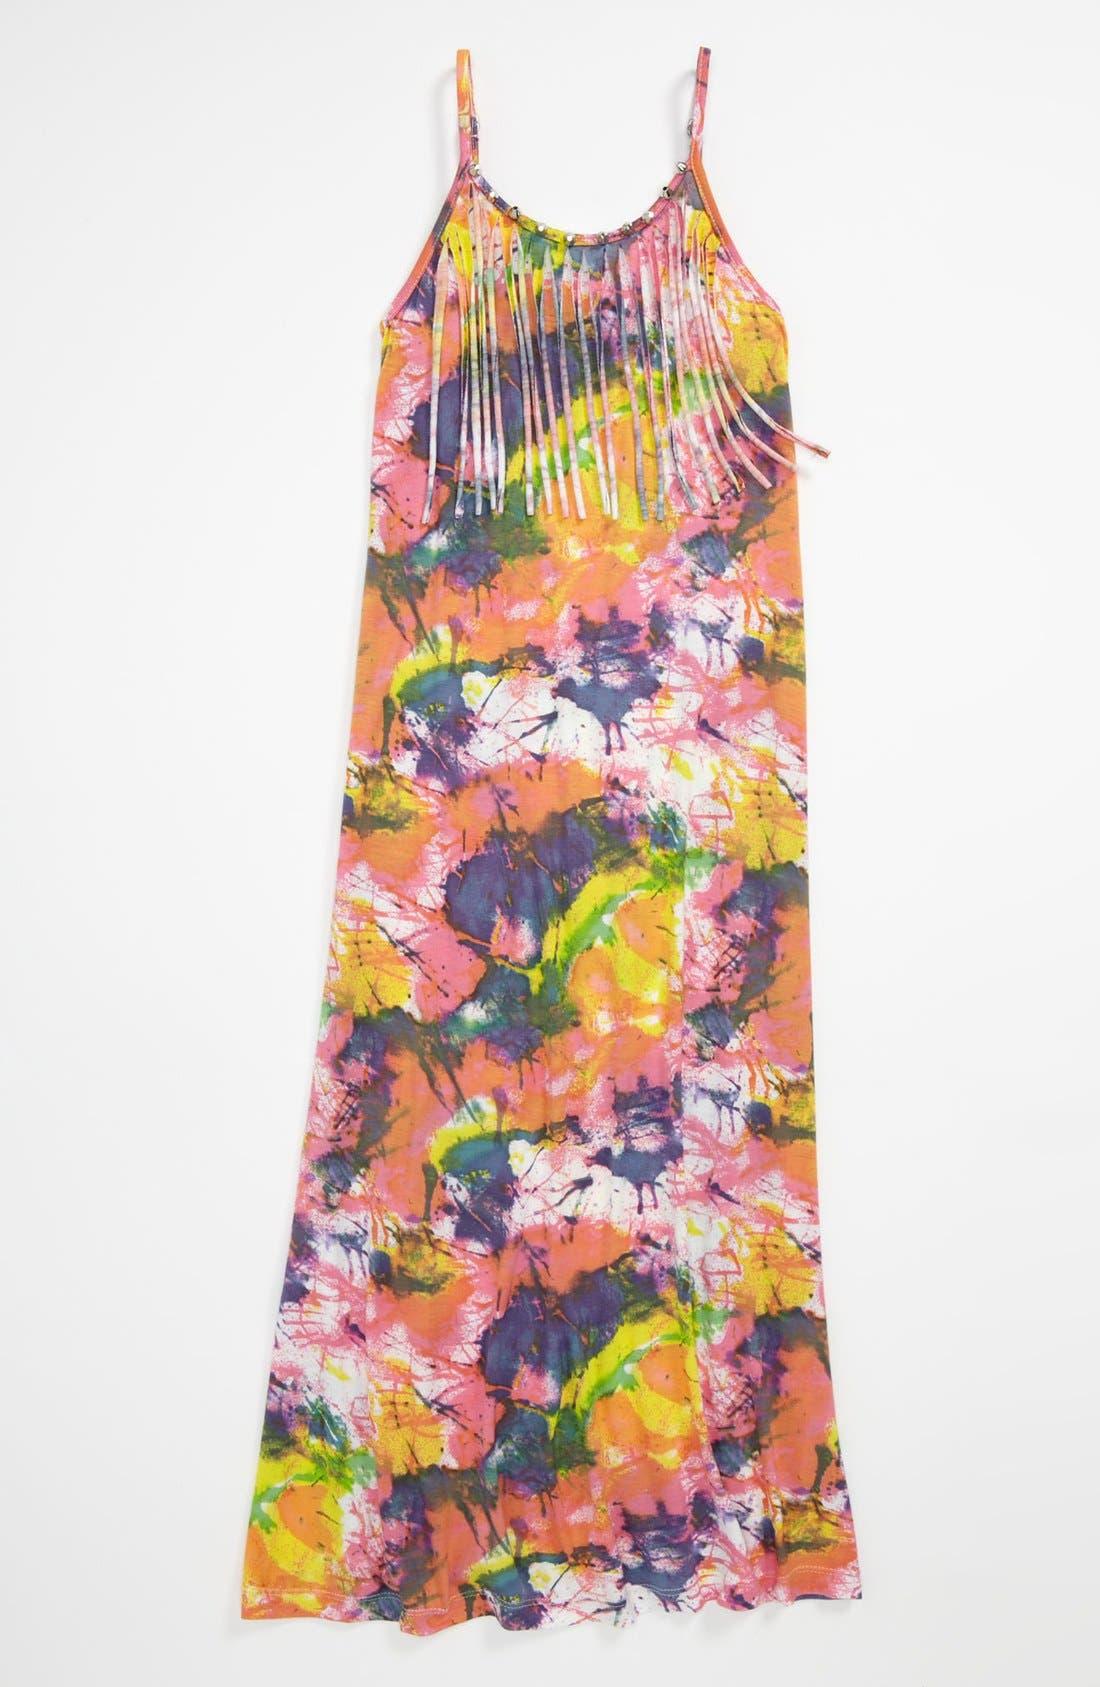 Alternate Image 1 Selected - Flowers by Zoe 'Splatter' Fringe Dress (Little Girls)